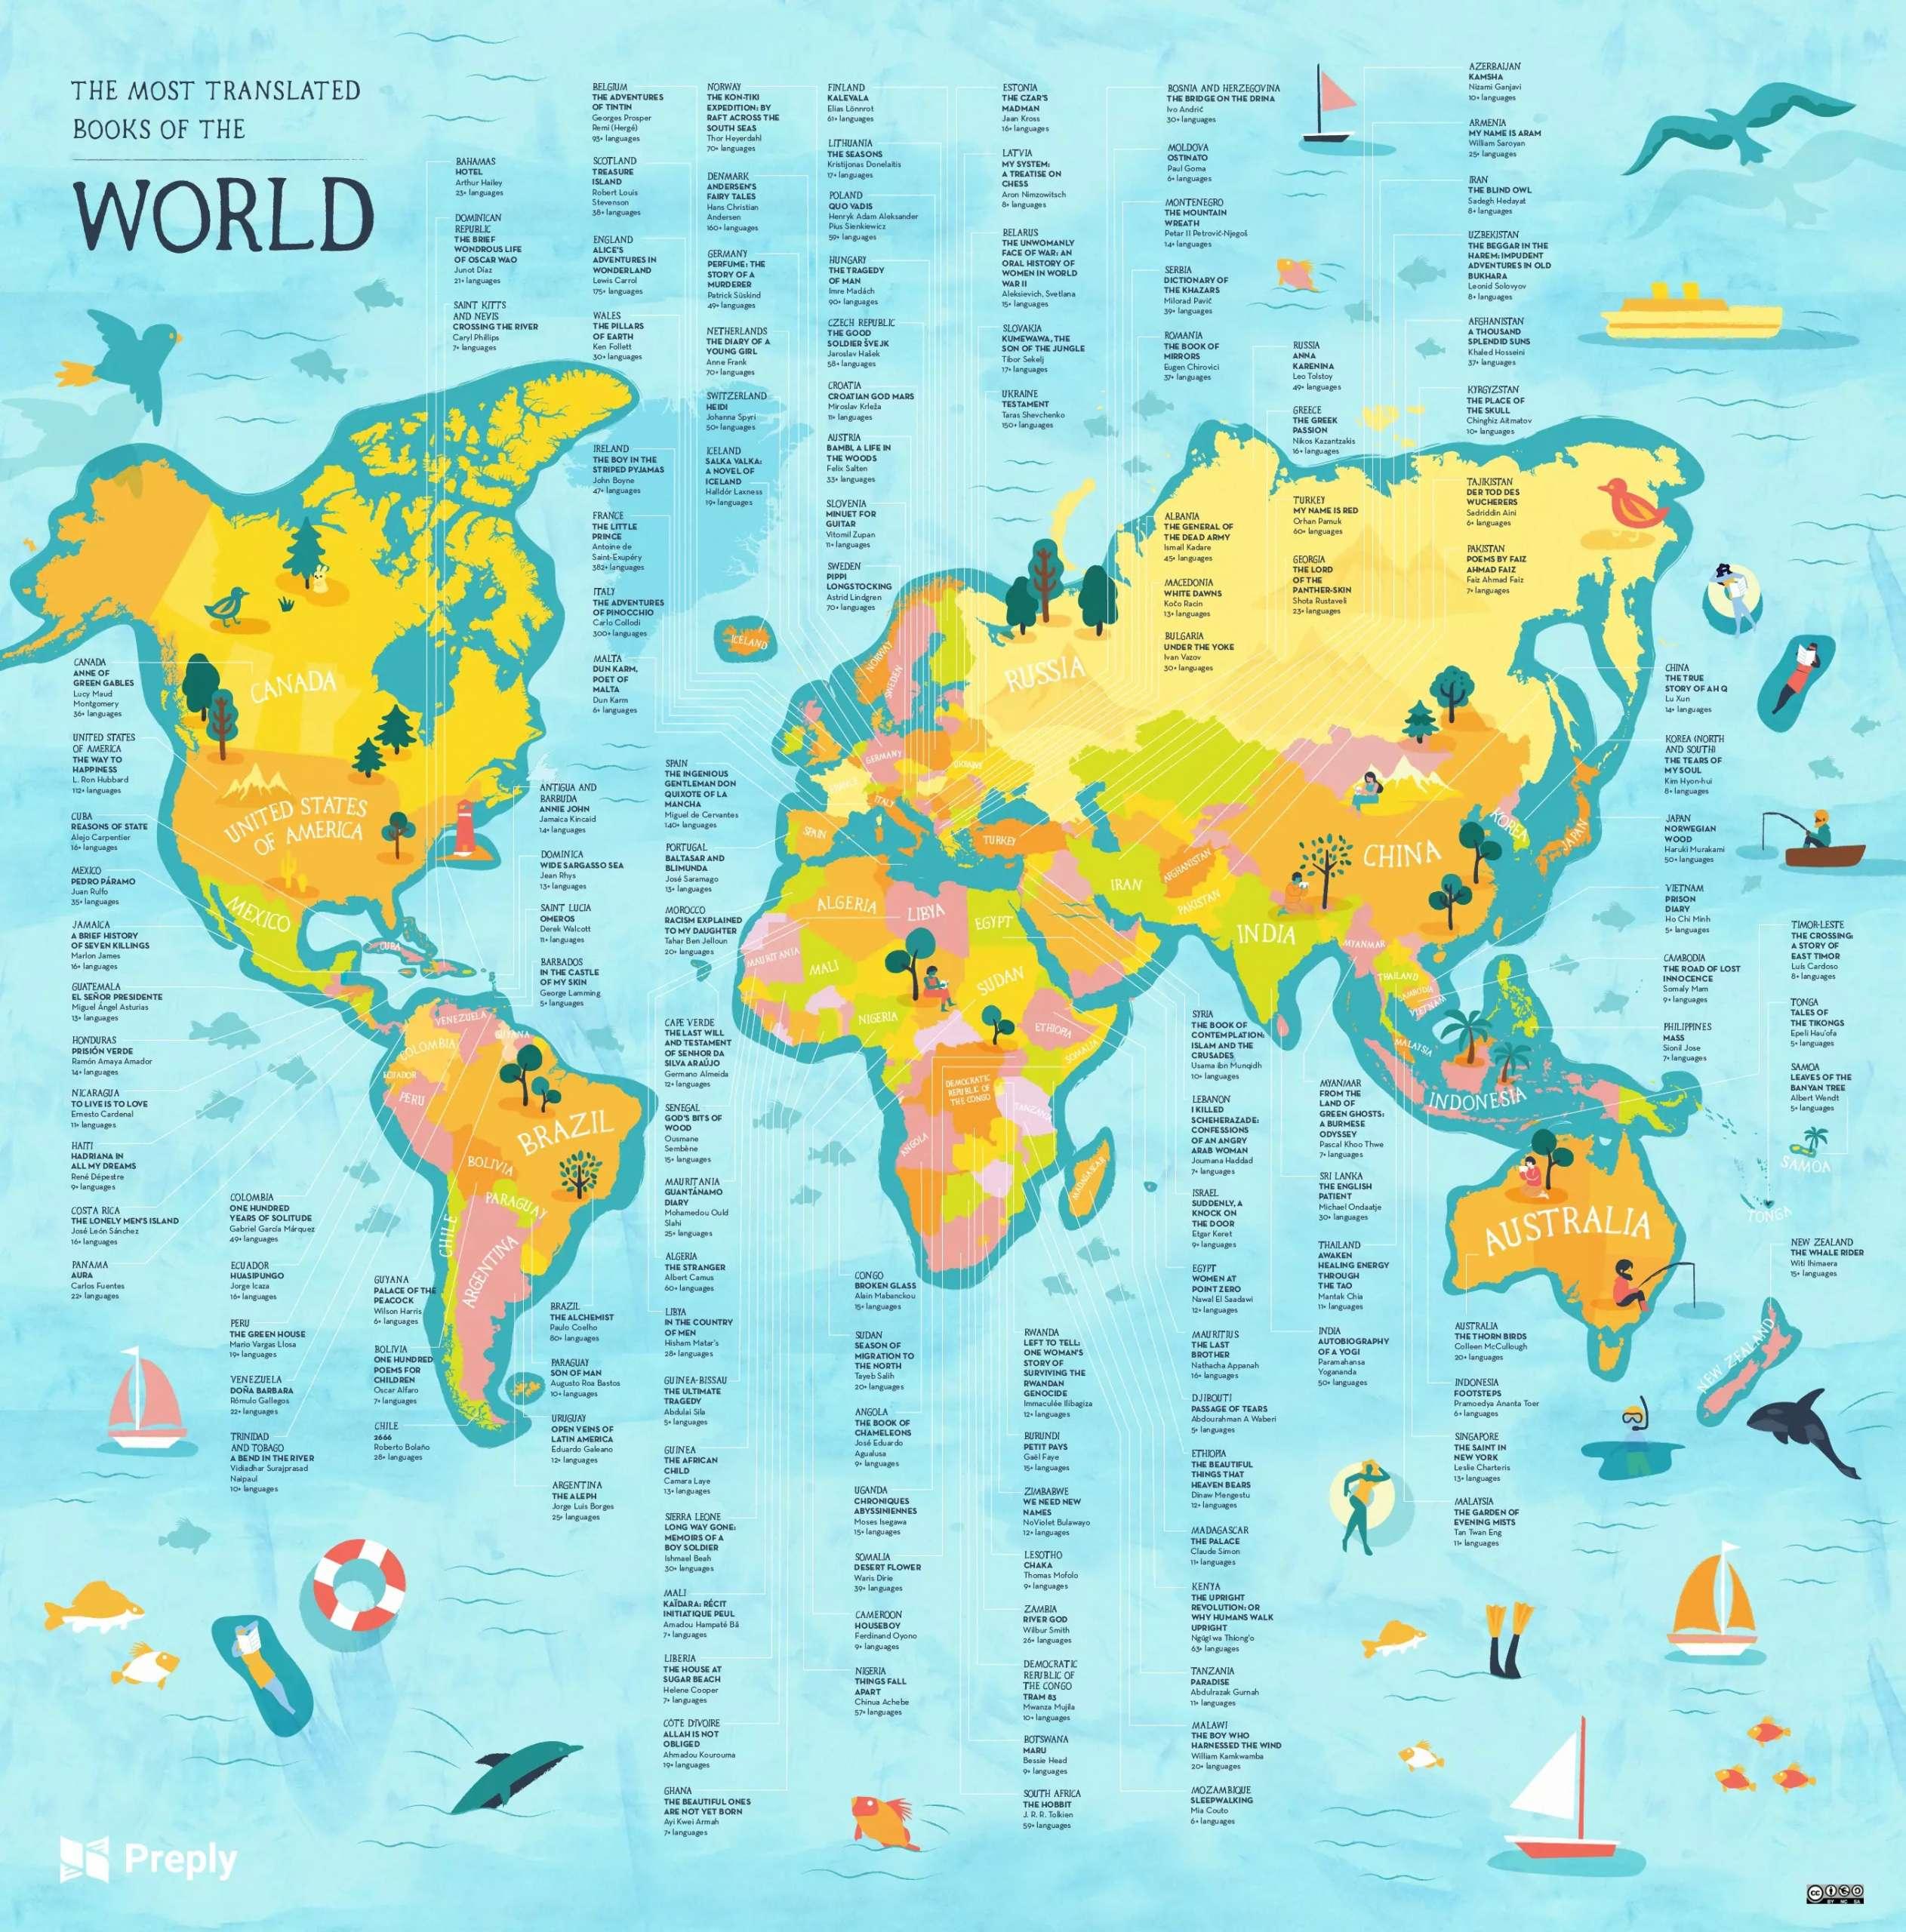 I libri più tradotti al mondo